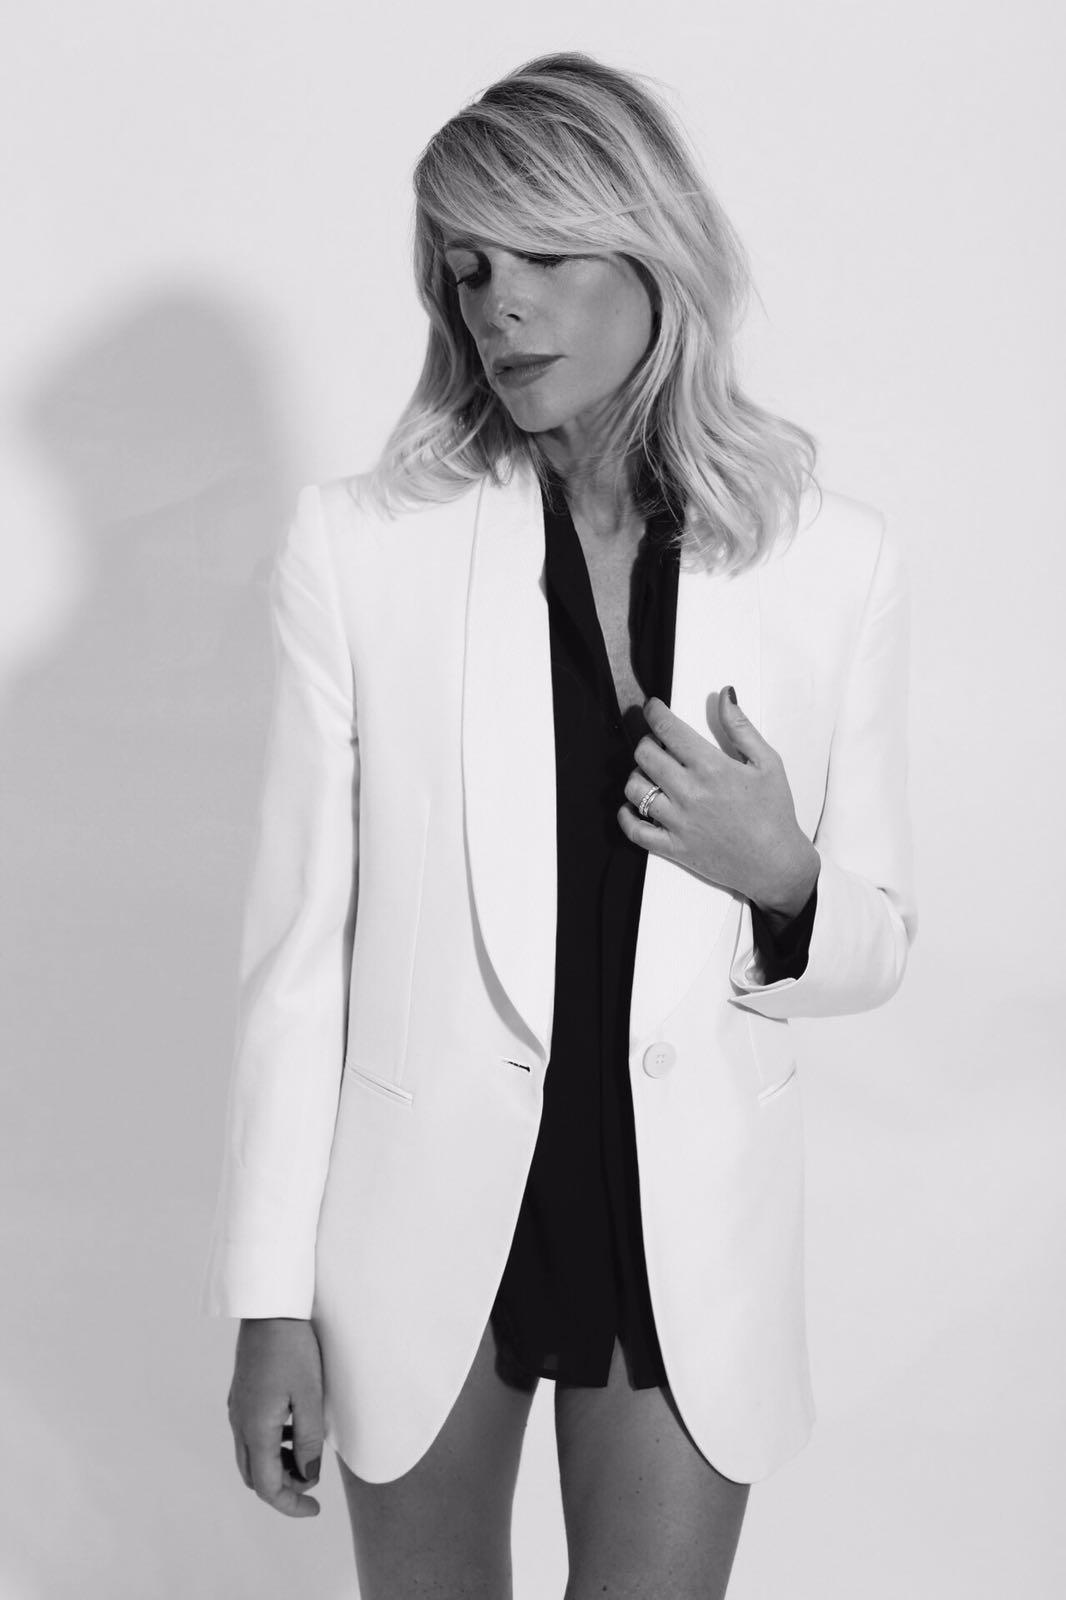 giacca bianco e nero